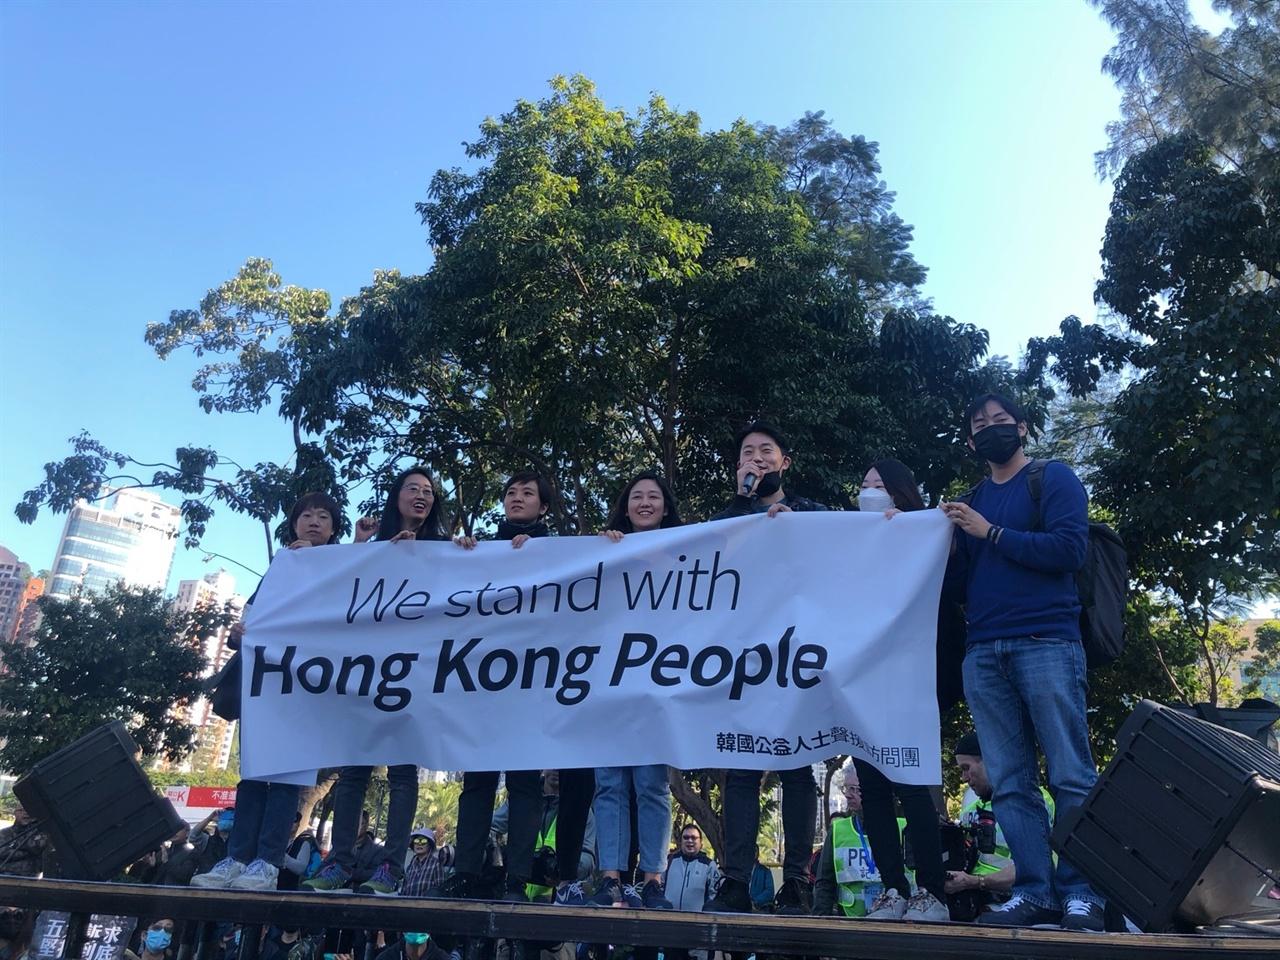 집회에서 발언 중인 한국 시민사회 연대방문단.